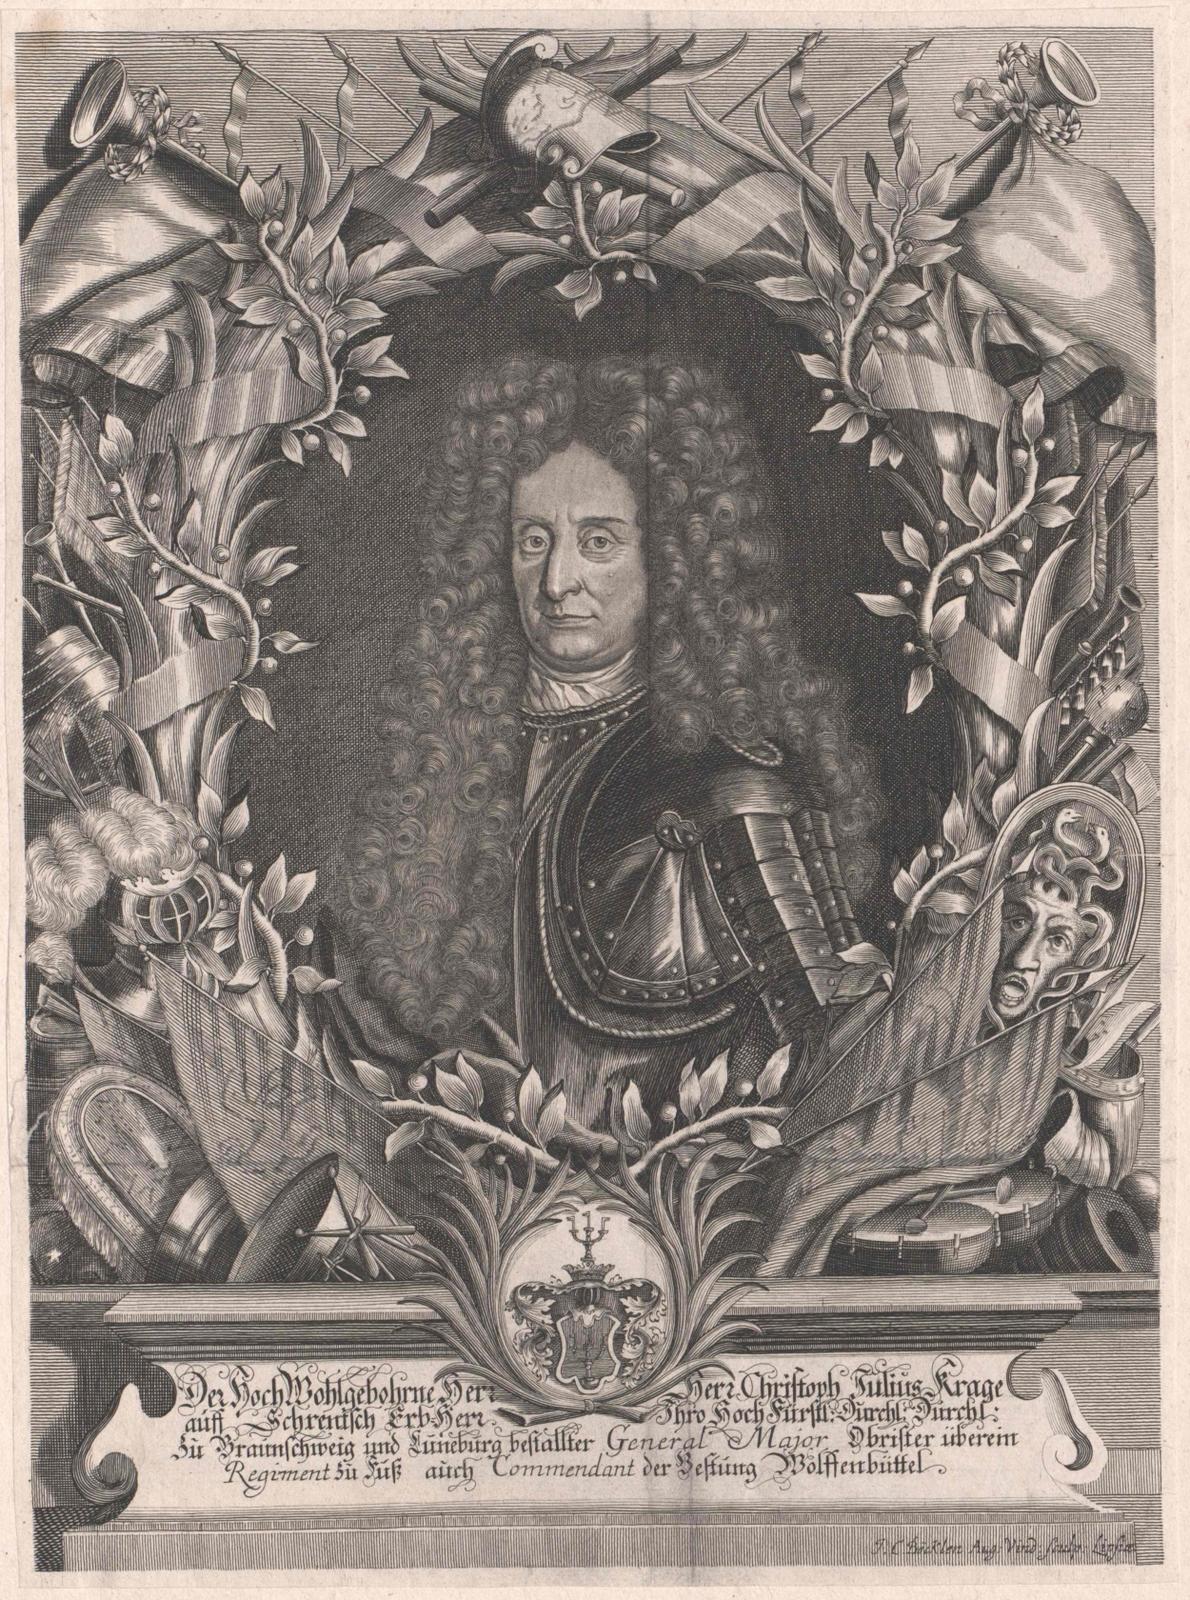 Krage, Christoph Julius